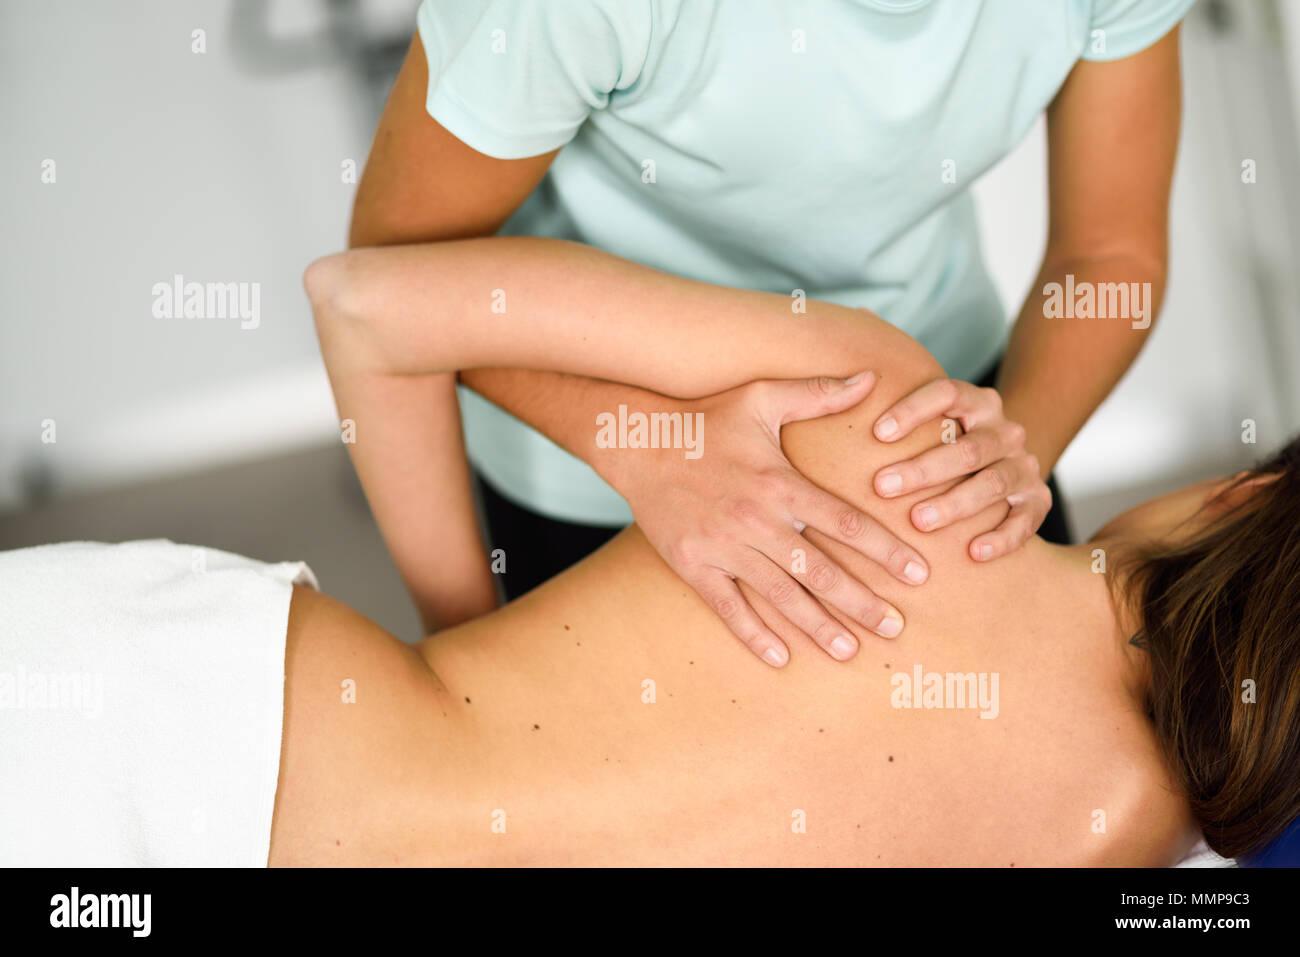 Professionelle female Physiotherapeut die Schulter Massage Frau im Krankenhaus zu brunette. Medizinische Check an der Schulter in der Physiotherapie. Stockbild